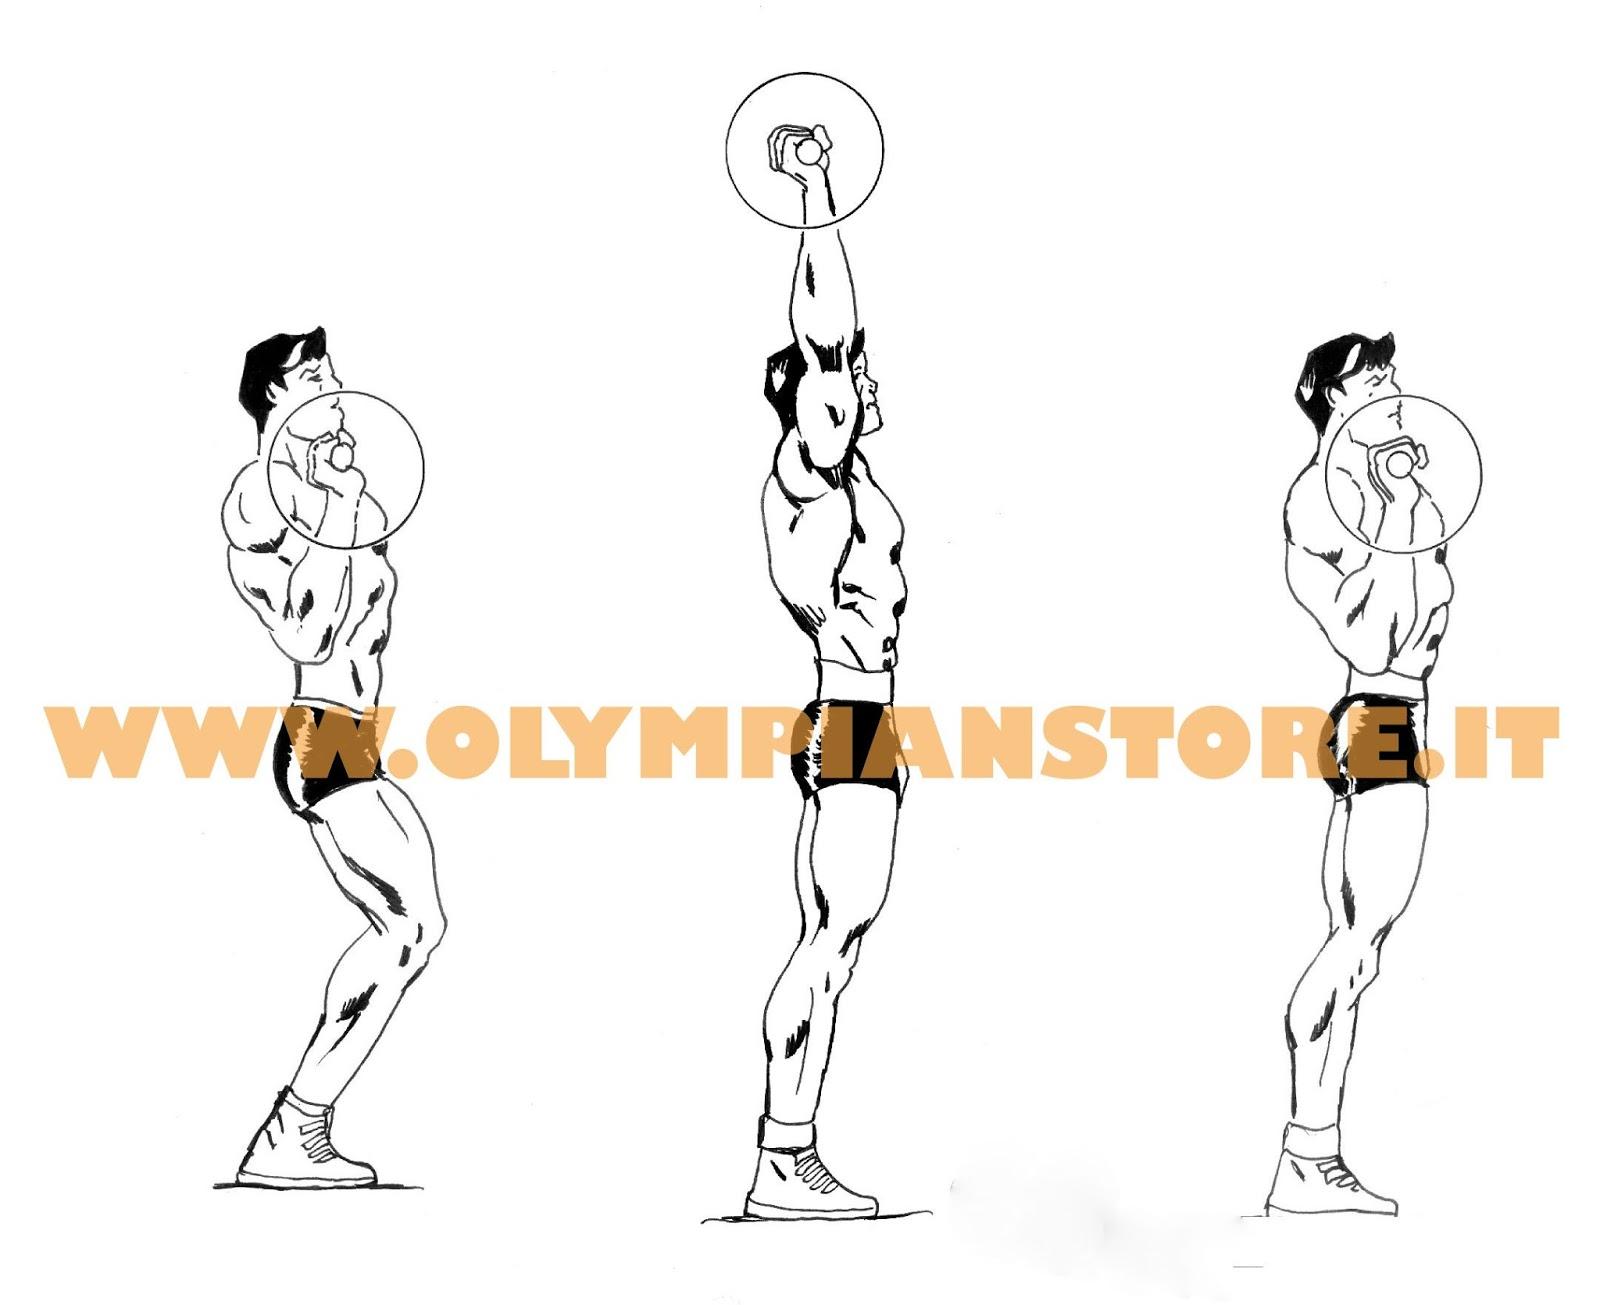 L allenamento con i pesi ¨ una forma di attivit fisica fantastica Cambia la vita e il corpo in misura notevole Tuttavia pu² anche provocare molti